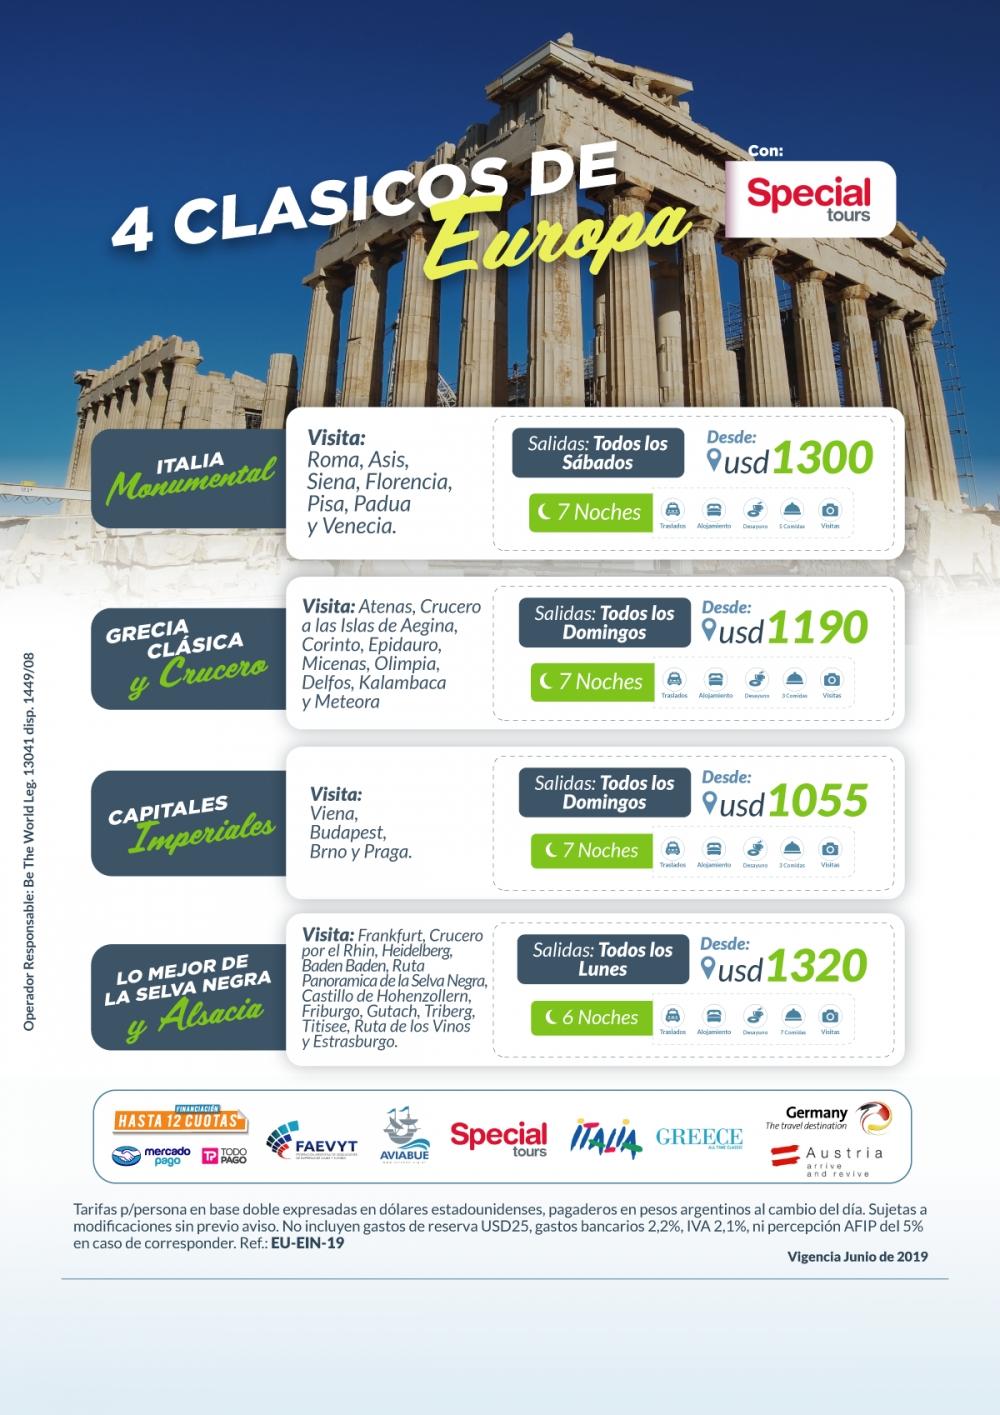 4 Clásicos de Europa con Specialtours